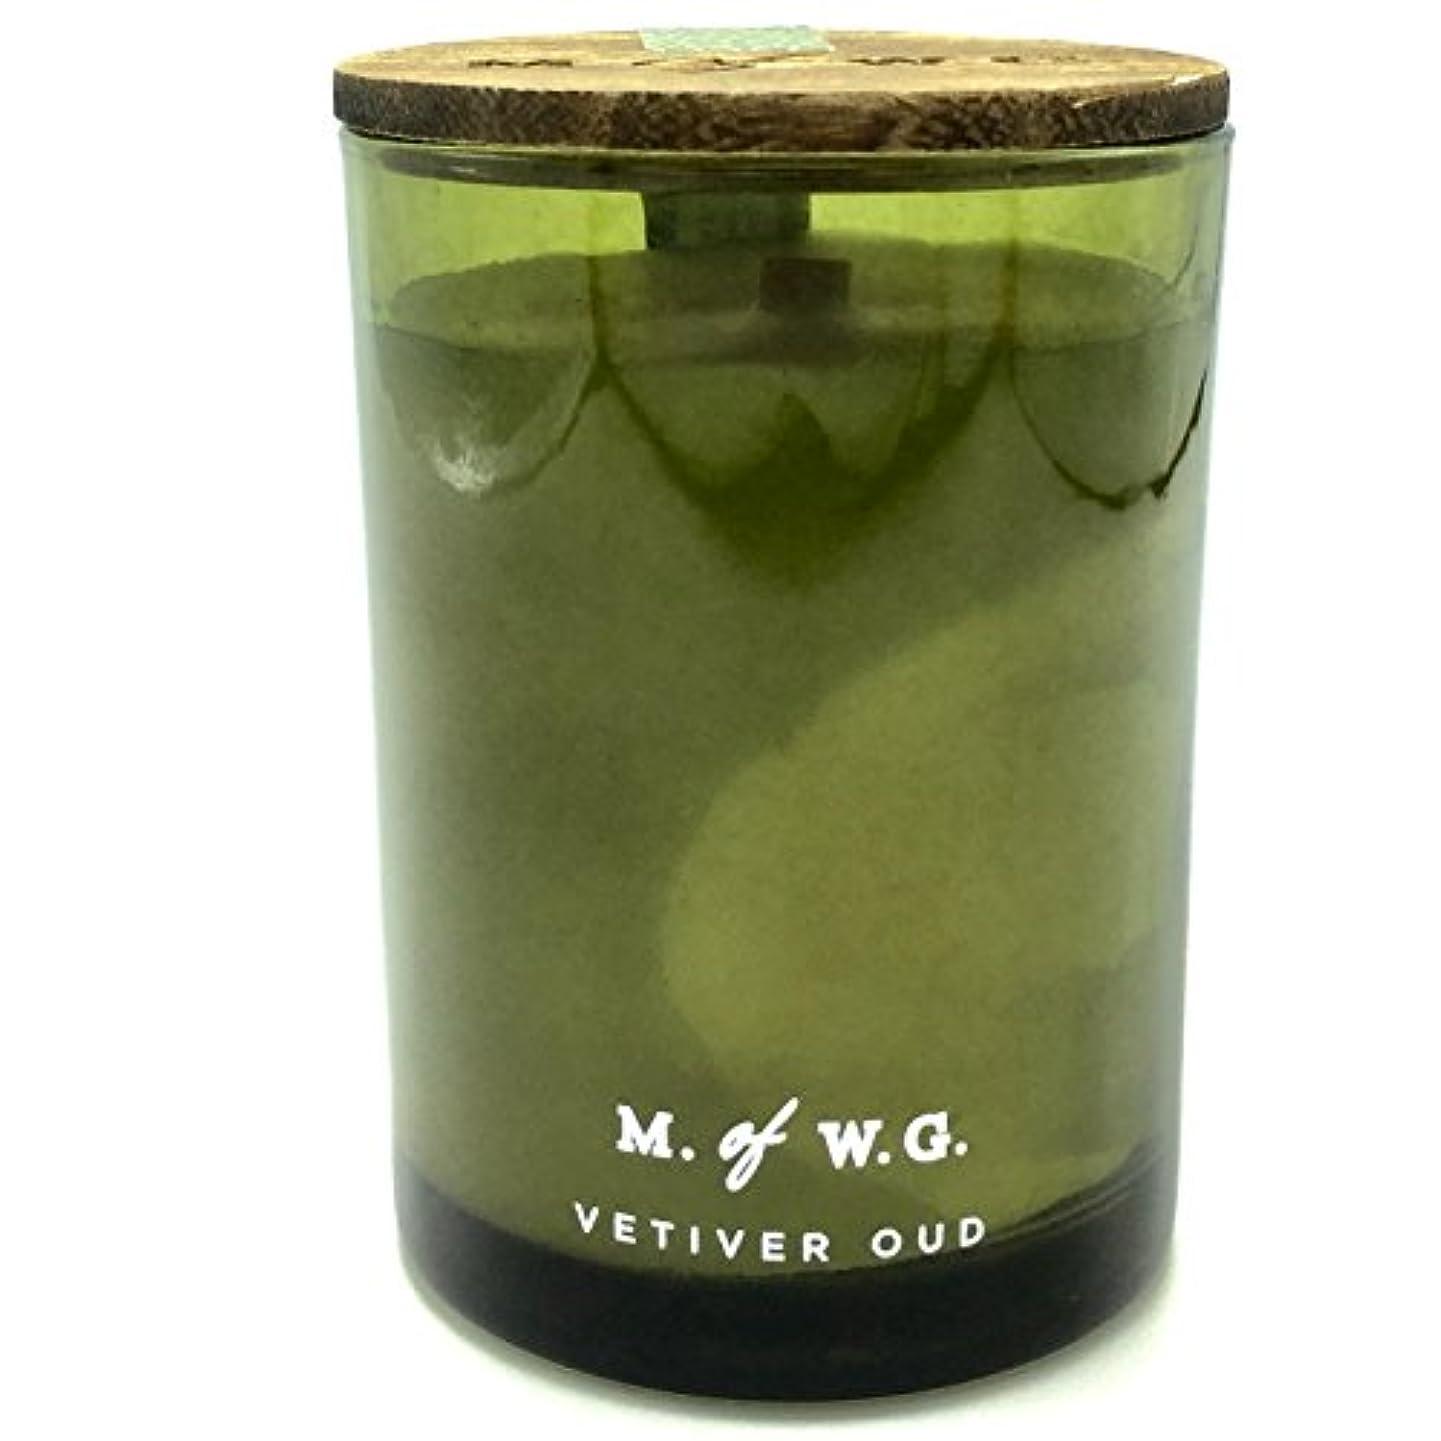 残酷な未来尋ねるMakersワックスのGoods Vetiver Oud Wood Wick Scented Candle